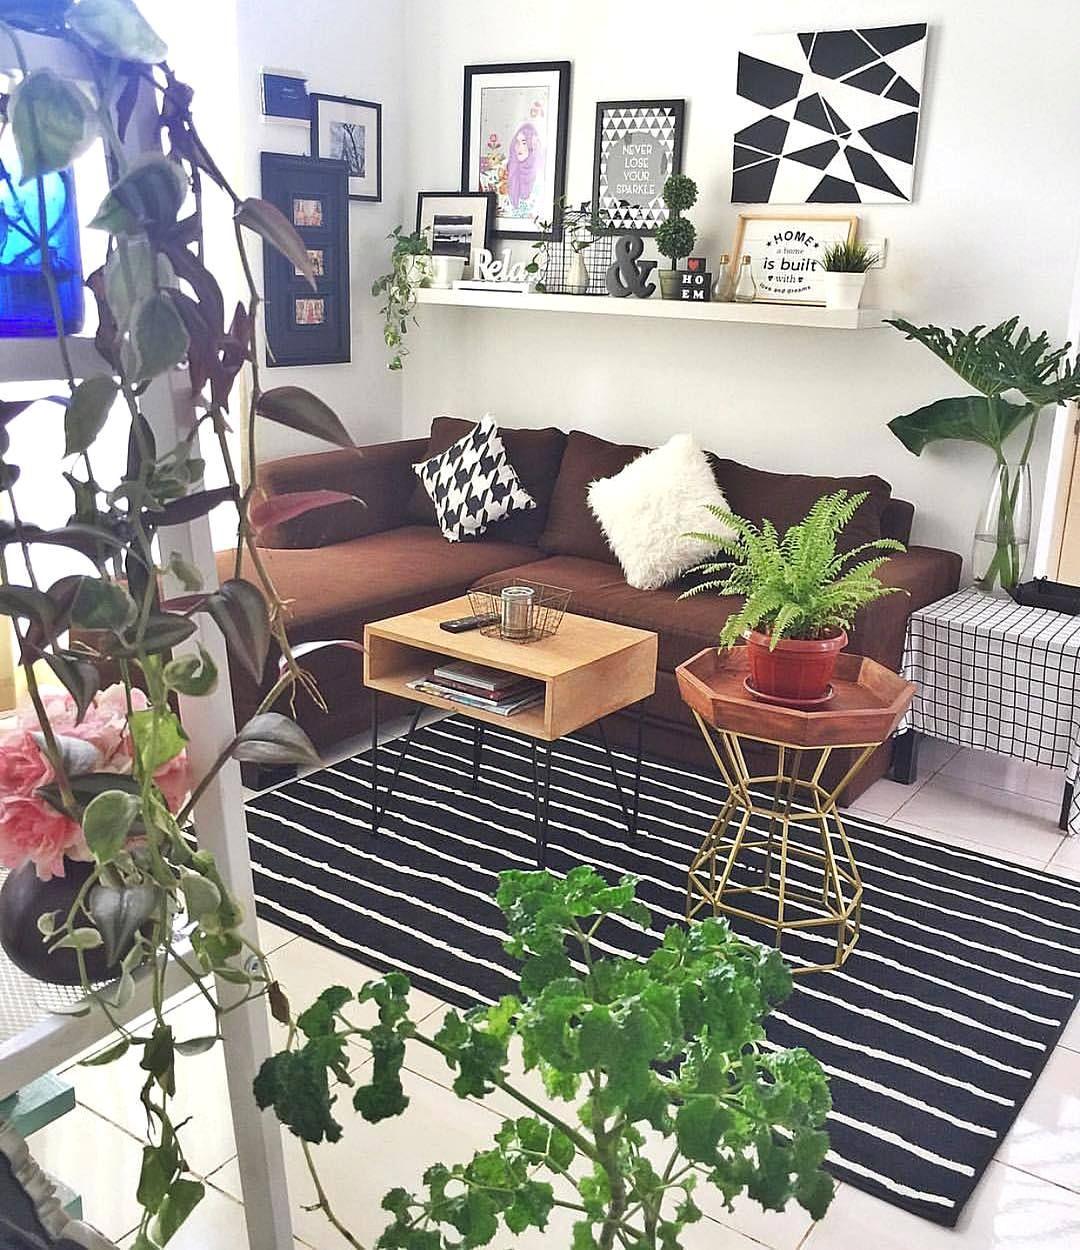 Desain Ruang Tamu Kecil Desain Ruang Tamu Minimalis Ruang Tamu